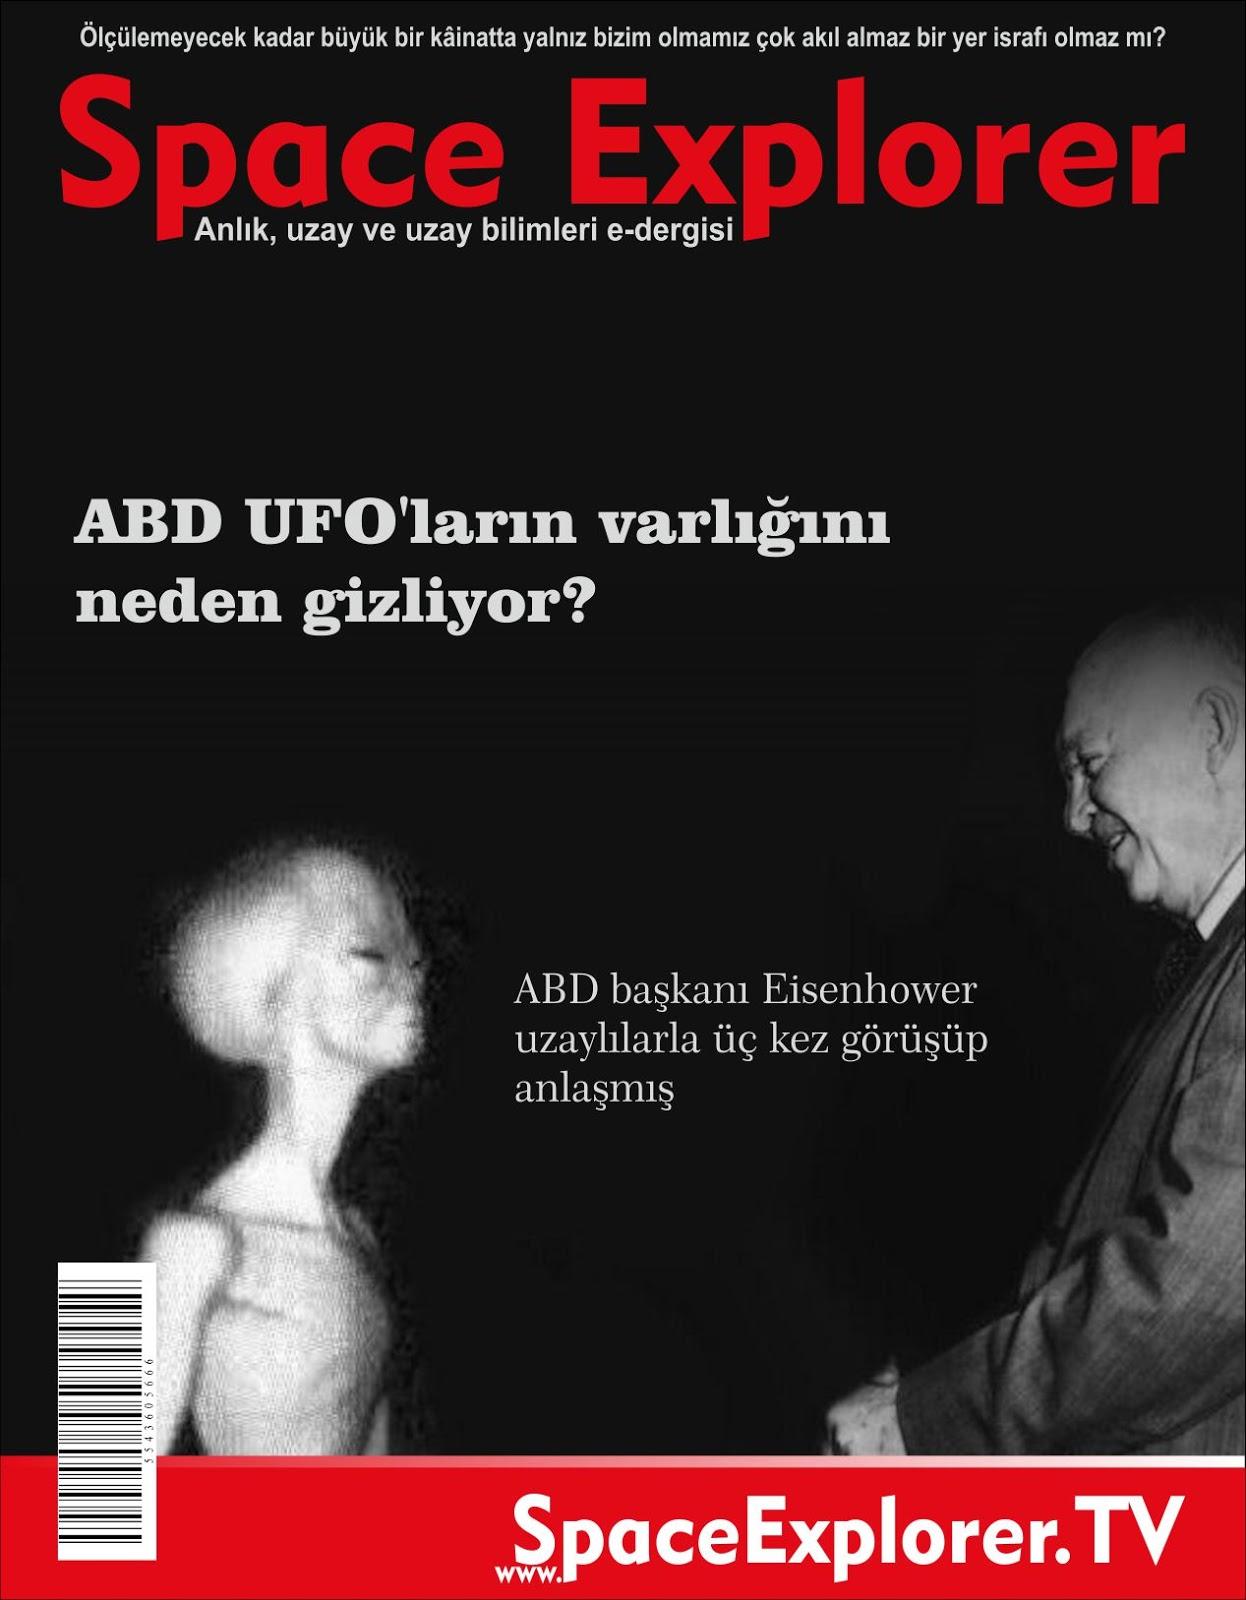 ABD UFO'ların varlığını neden gizliyor? | ABD başkanı Eisenhower uzaylılarla üç kez görüşüp anlaşmış